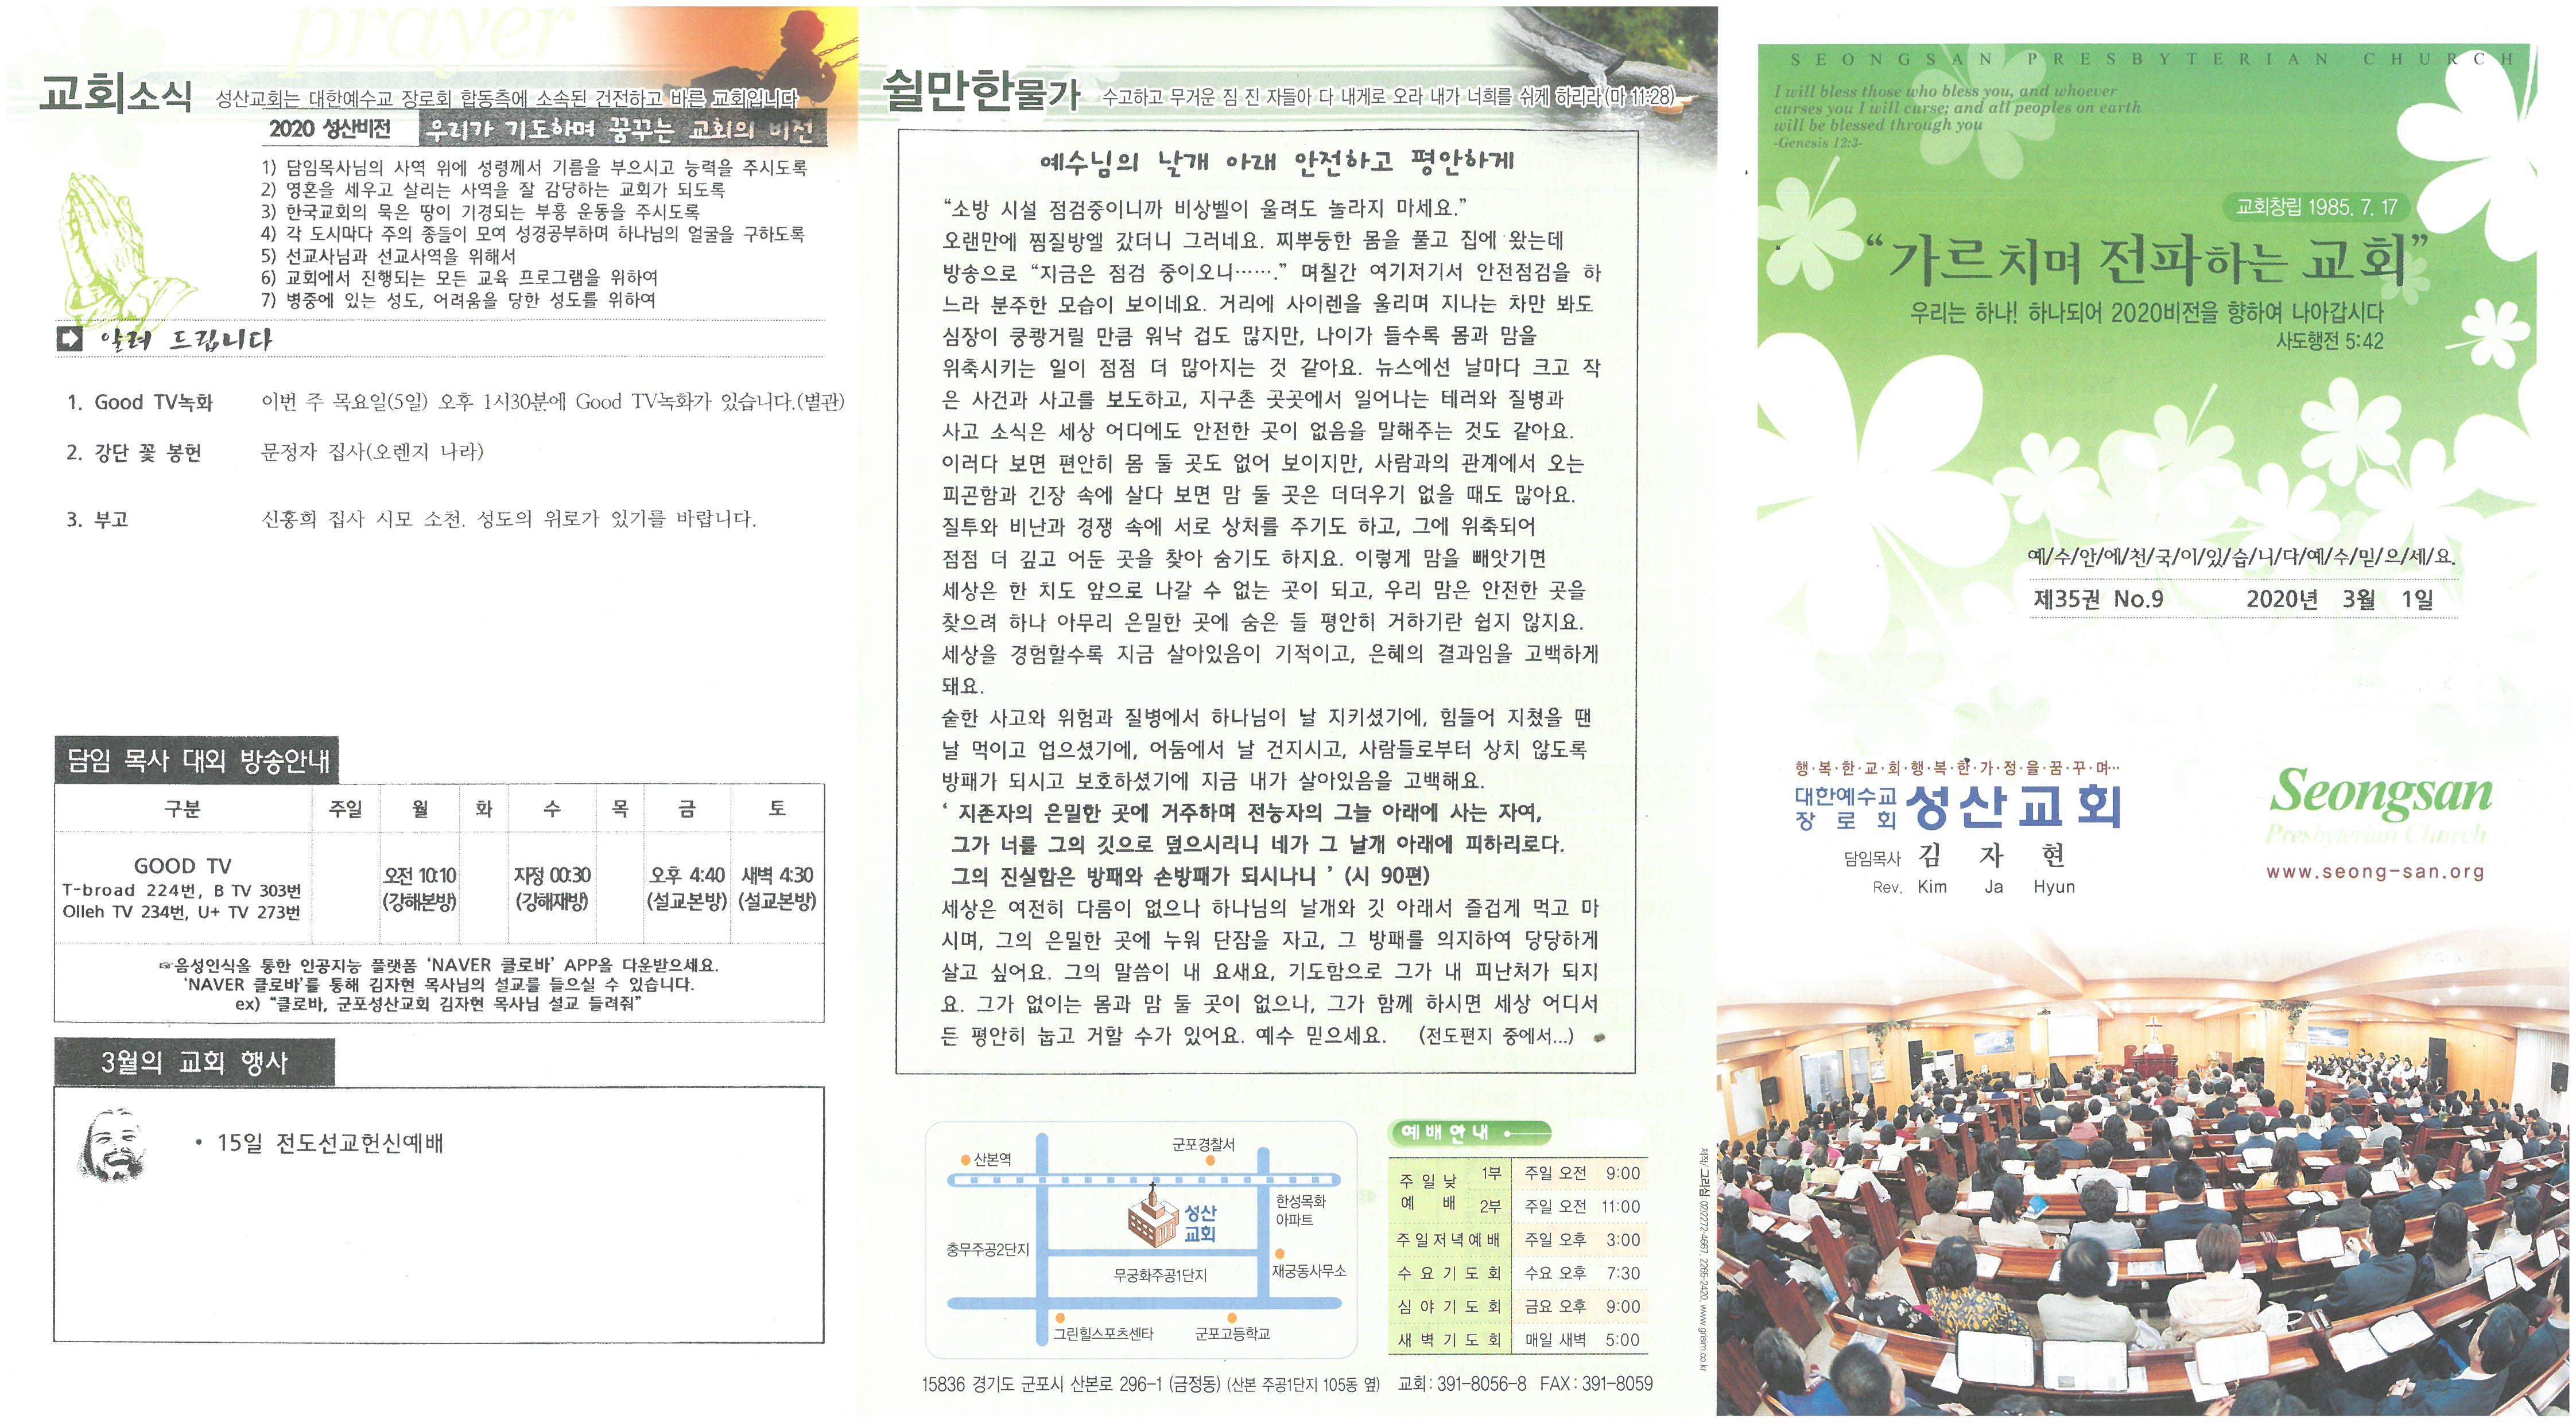 S22C-6e20030111060_0001.jpg